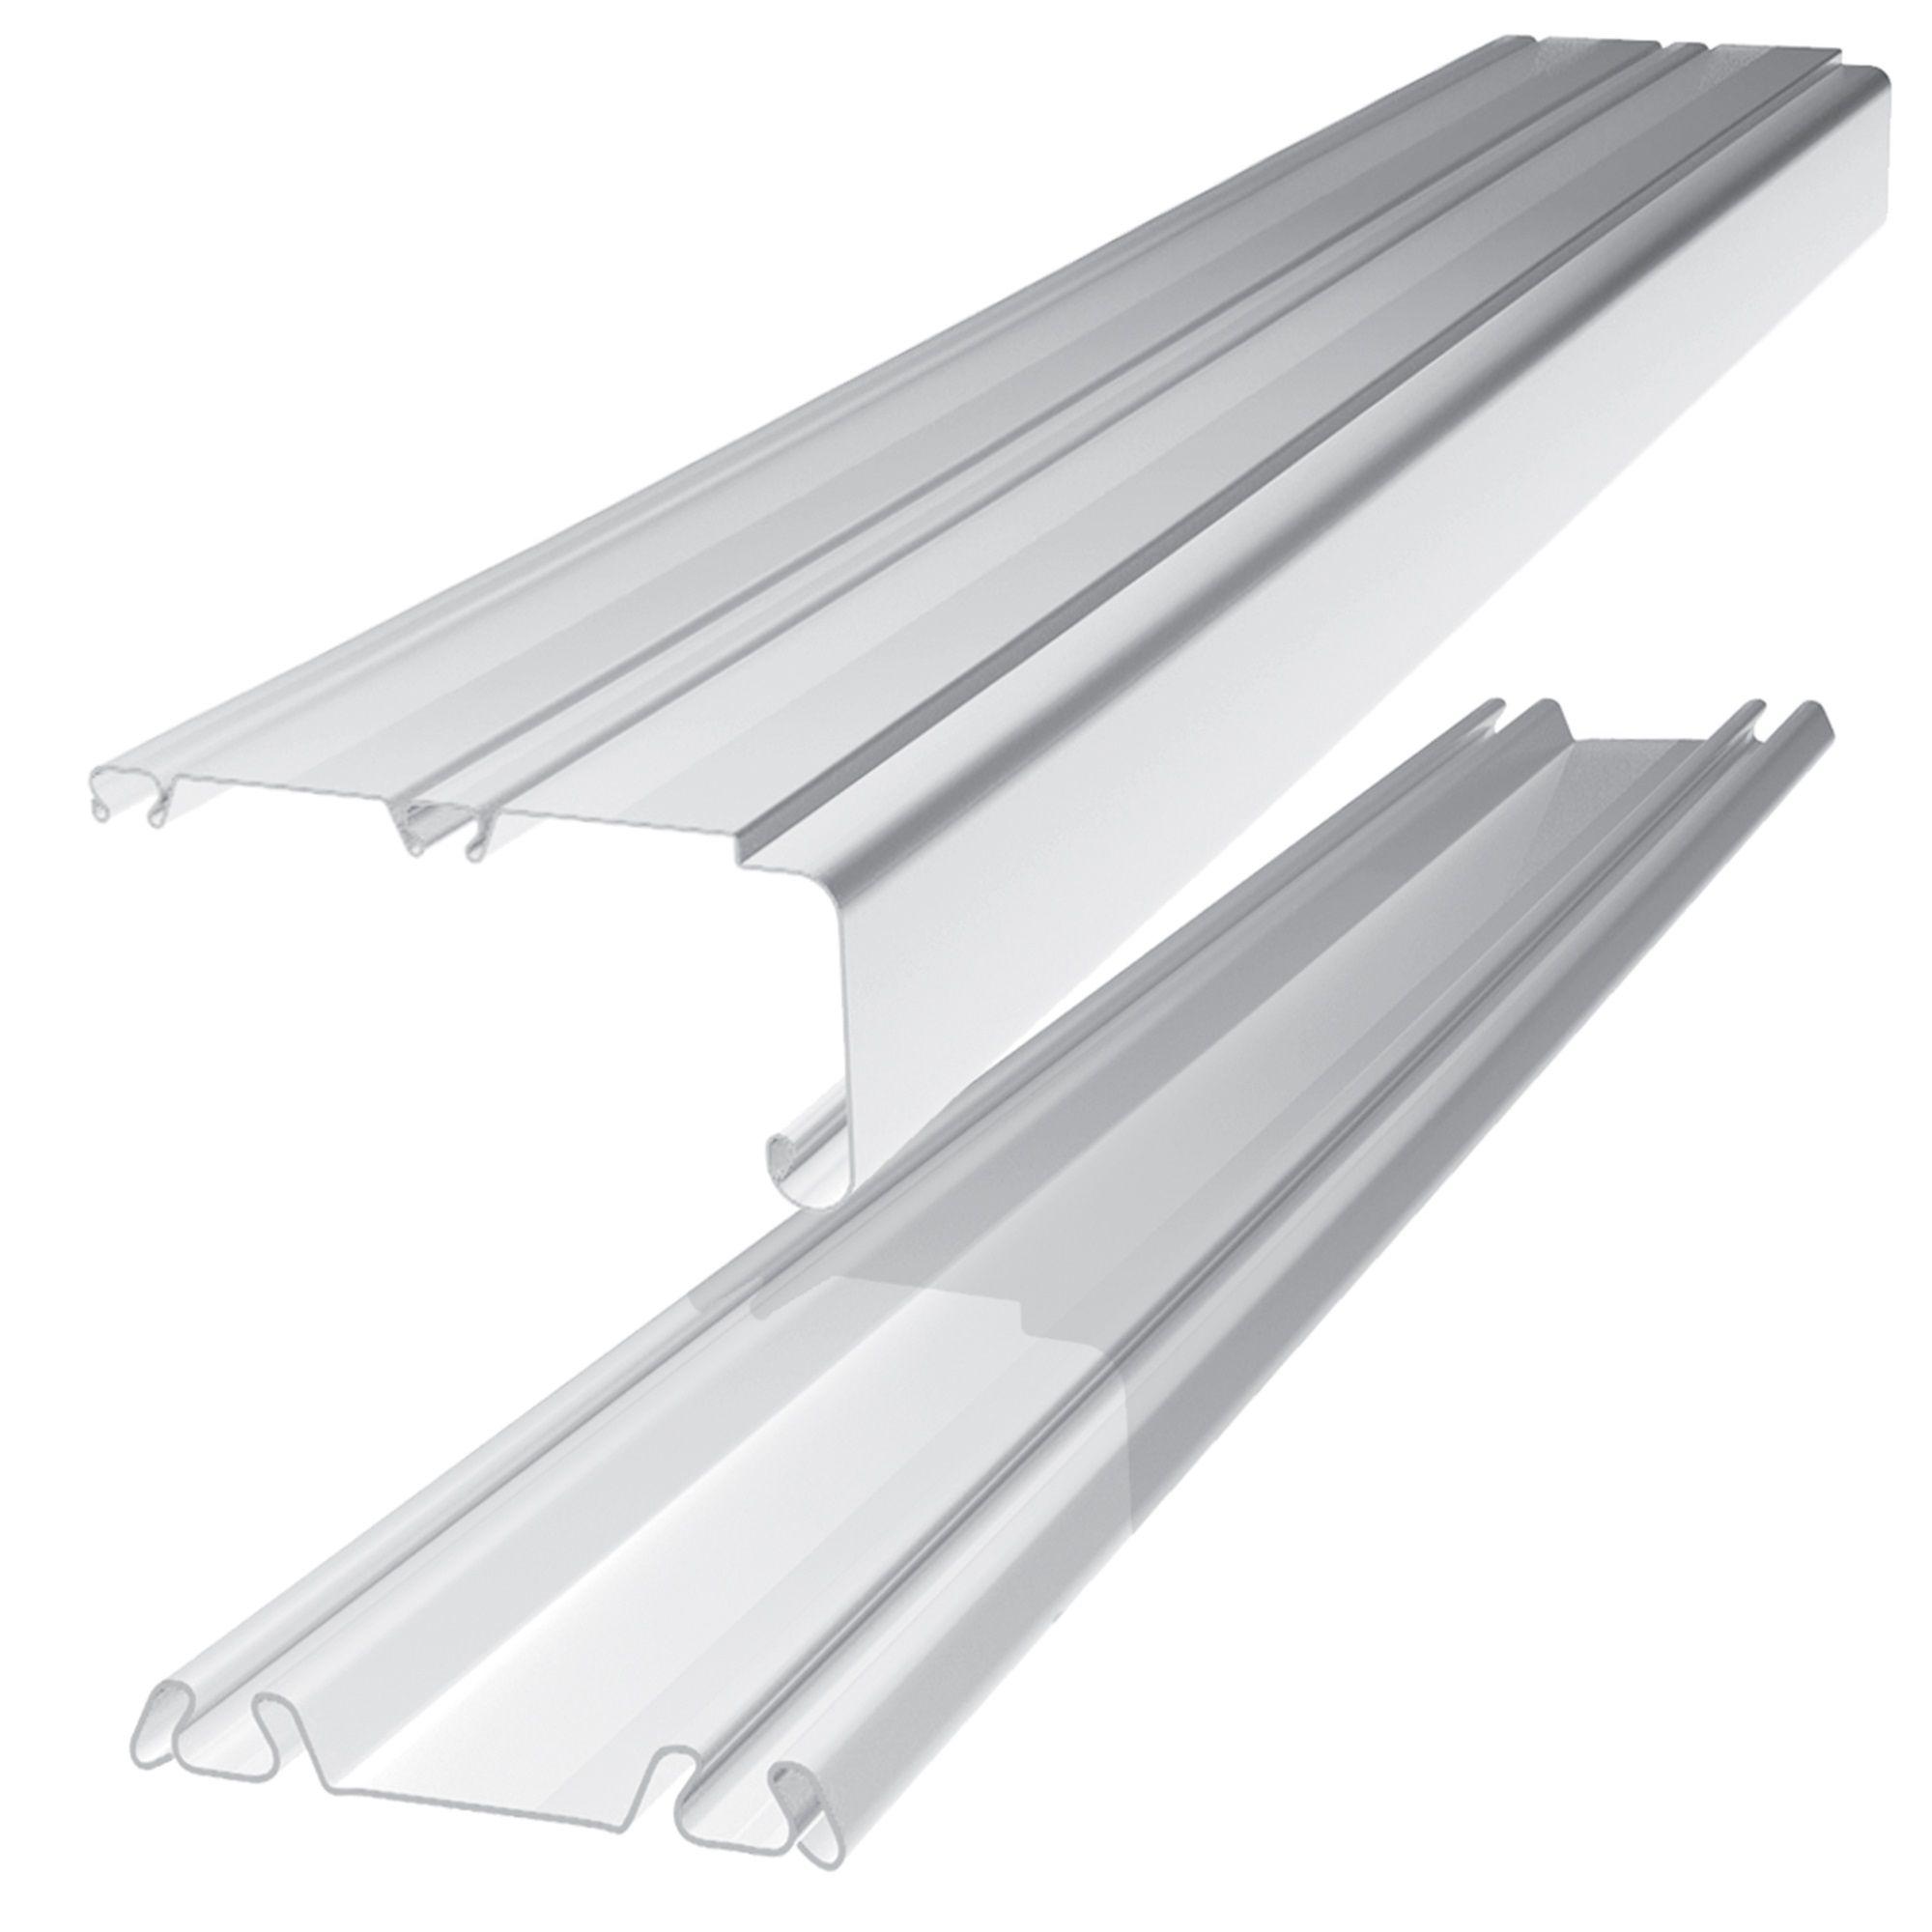 Standard small silver wardrobe sliding door track l 1 for Sliding door rail